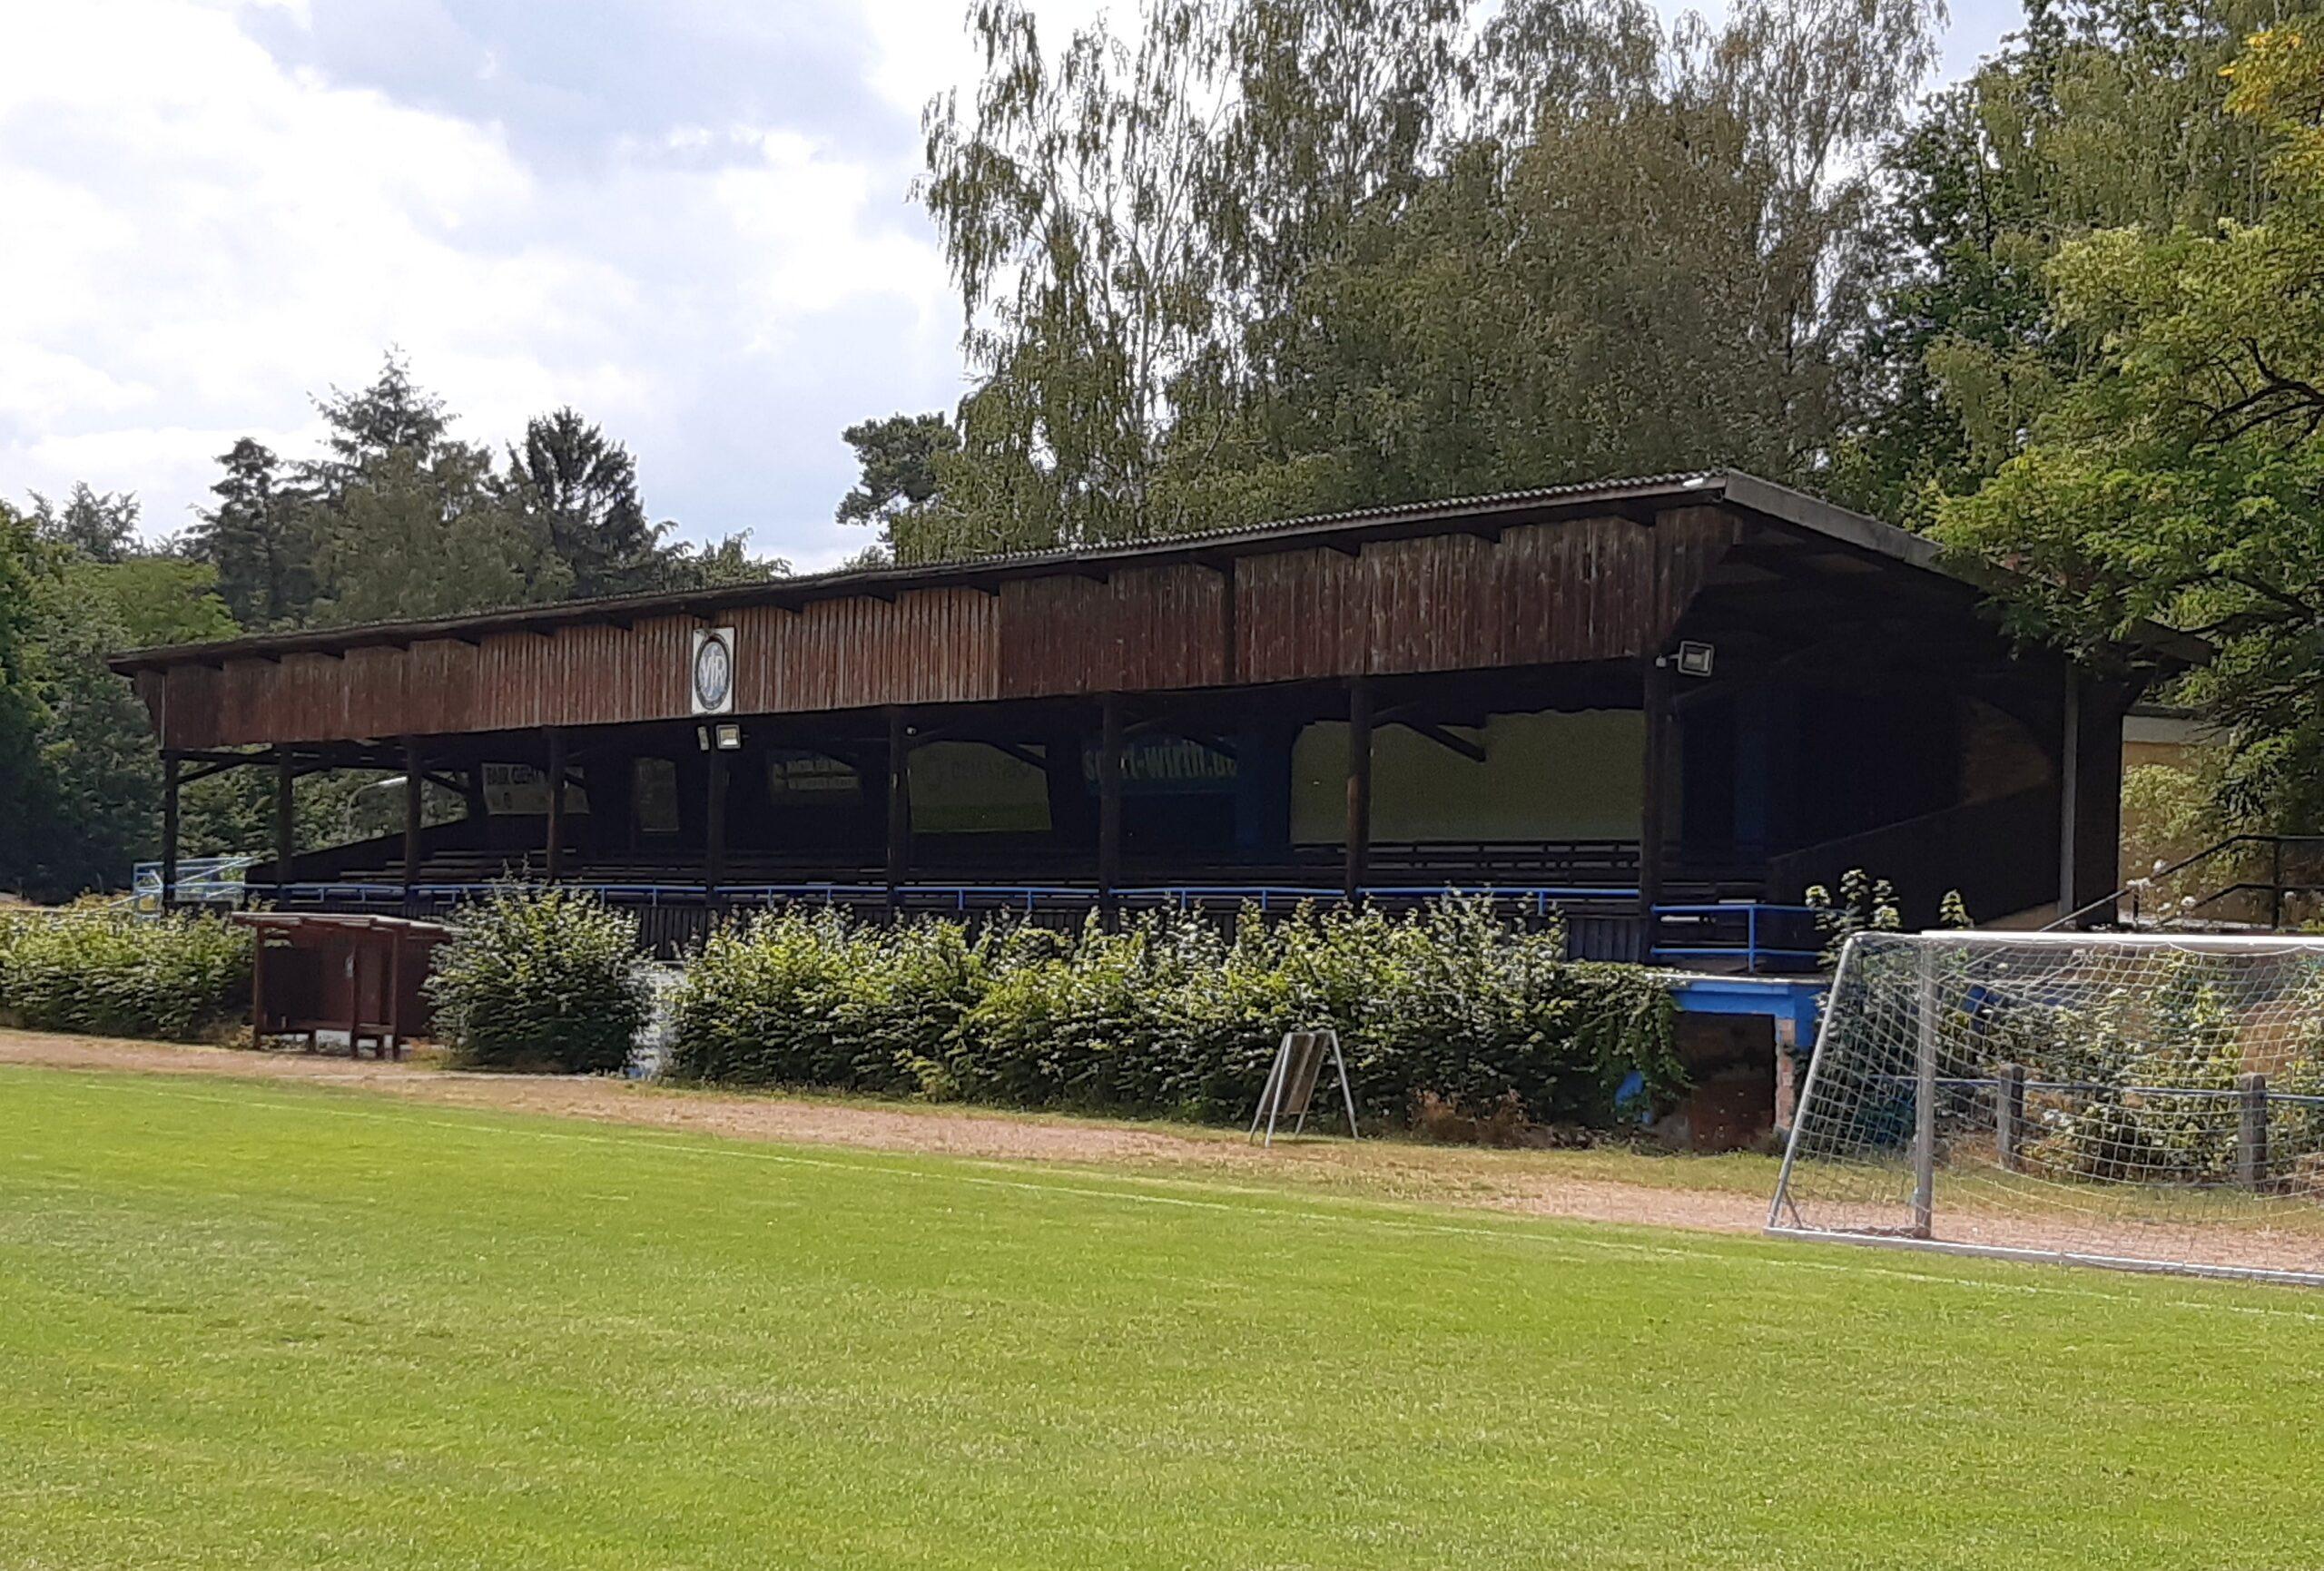 Die alte Holztribüne im Waldstadion am Erbsenberg in Kaiserslautern